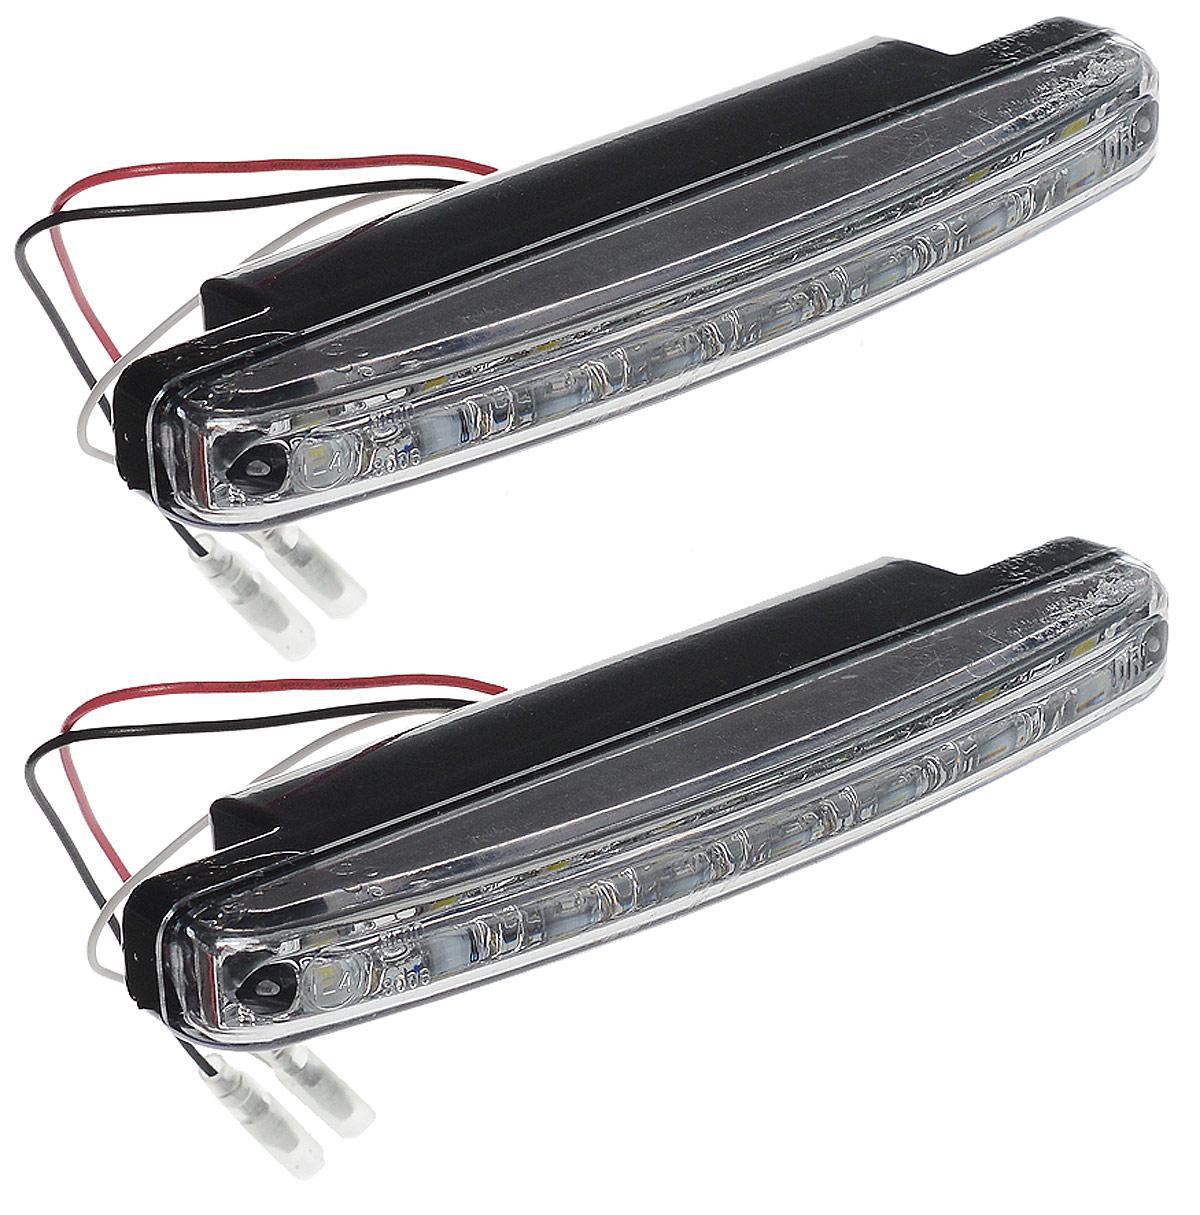 Дневные ходовые огни AVS DL-8S, 2 шт43477Дневные ходовые огни AVS DL-8S - это лампы грузового или легкового автомобиля, используемые для повышения видимости автотранспортного средства в дневное время. Напряжение: 12 В. Мощность: 2,4 Вт х 2. Количество светодиодов: 8 х 2. Модель светодиода: Epistar (SMD 5050 0.3W). Температура свечения: 5000 К. Общий световой поток: 240 Лм. IP защита: 55.